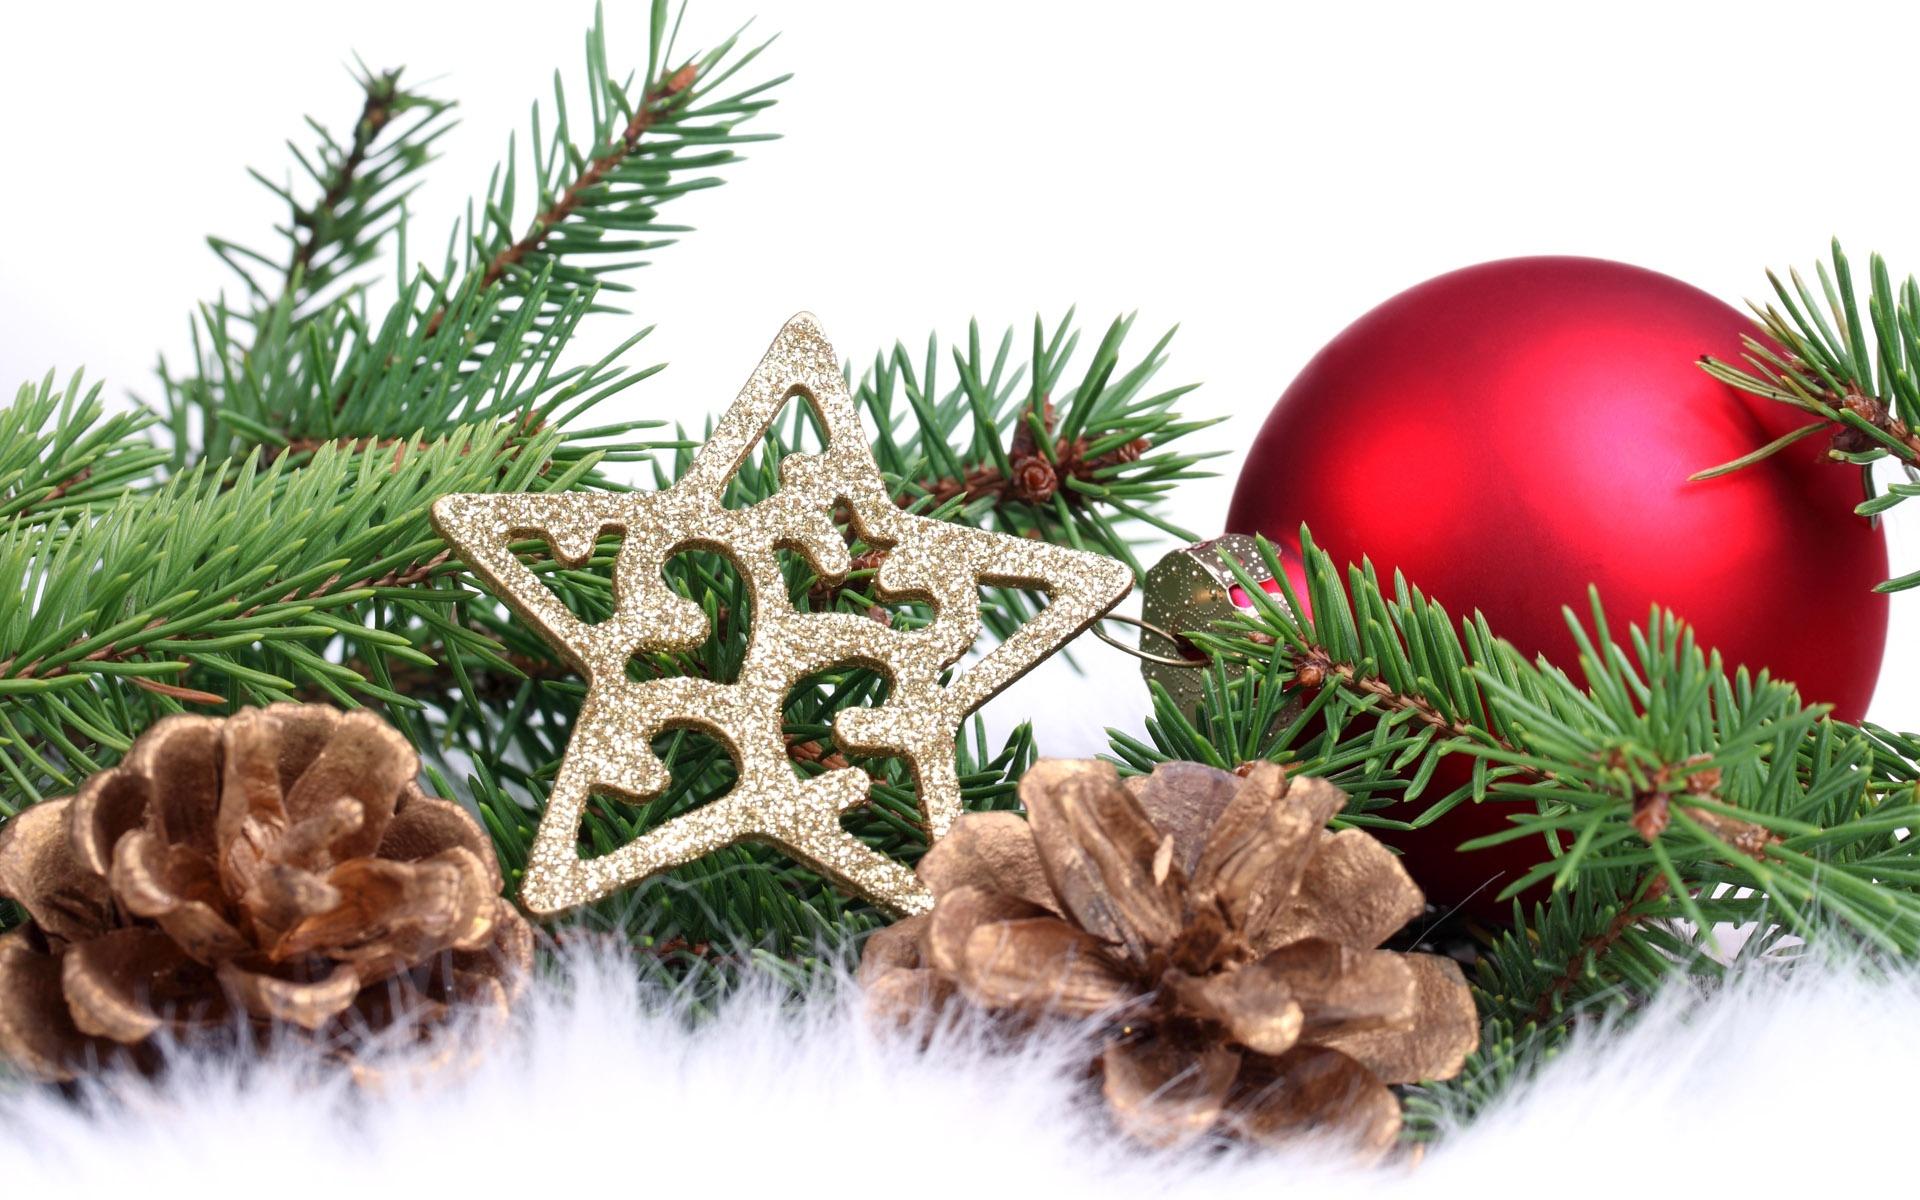 новый год,корзинки,игрушки,хвойные лапы,шишки  № 639659 загрузить